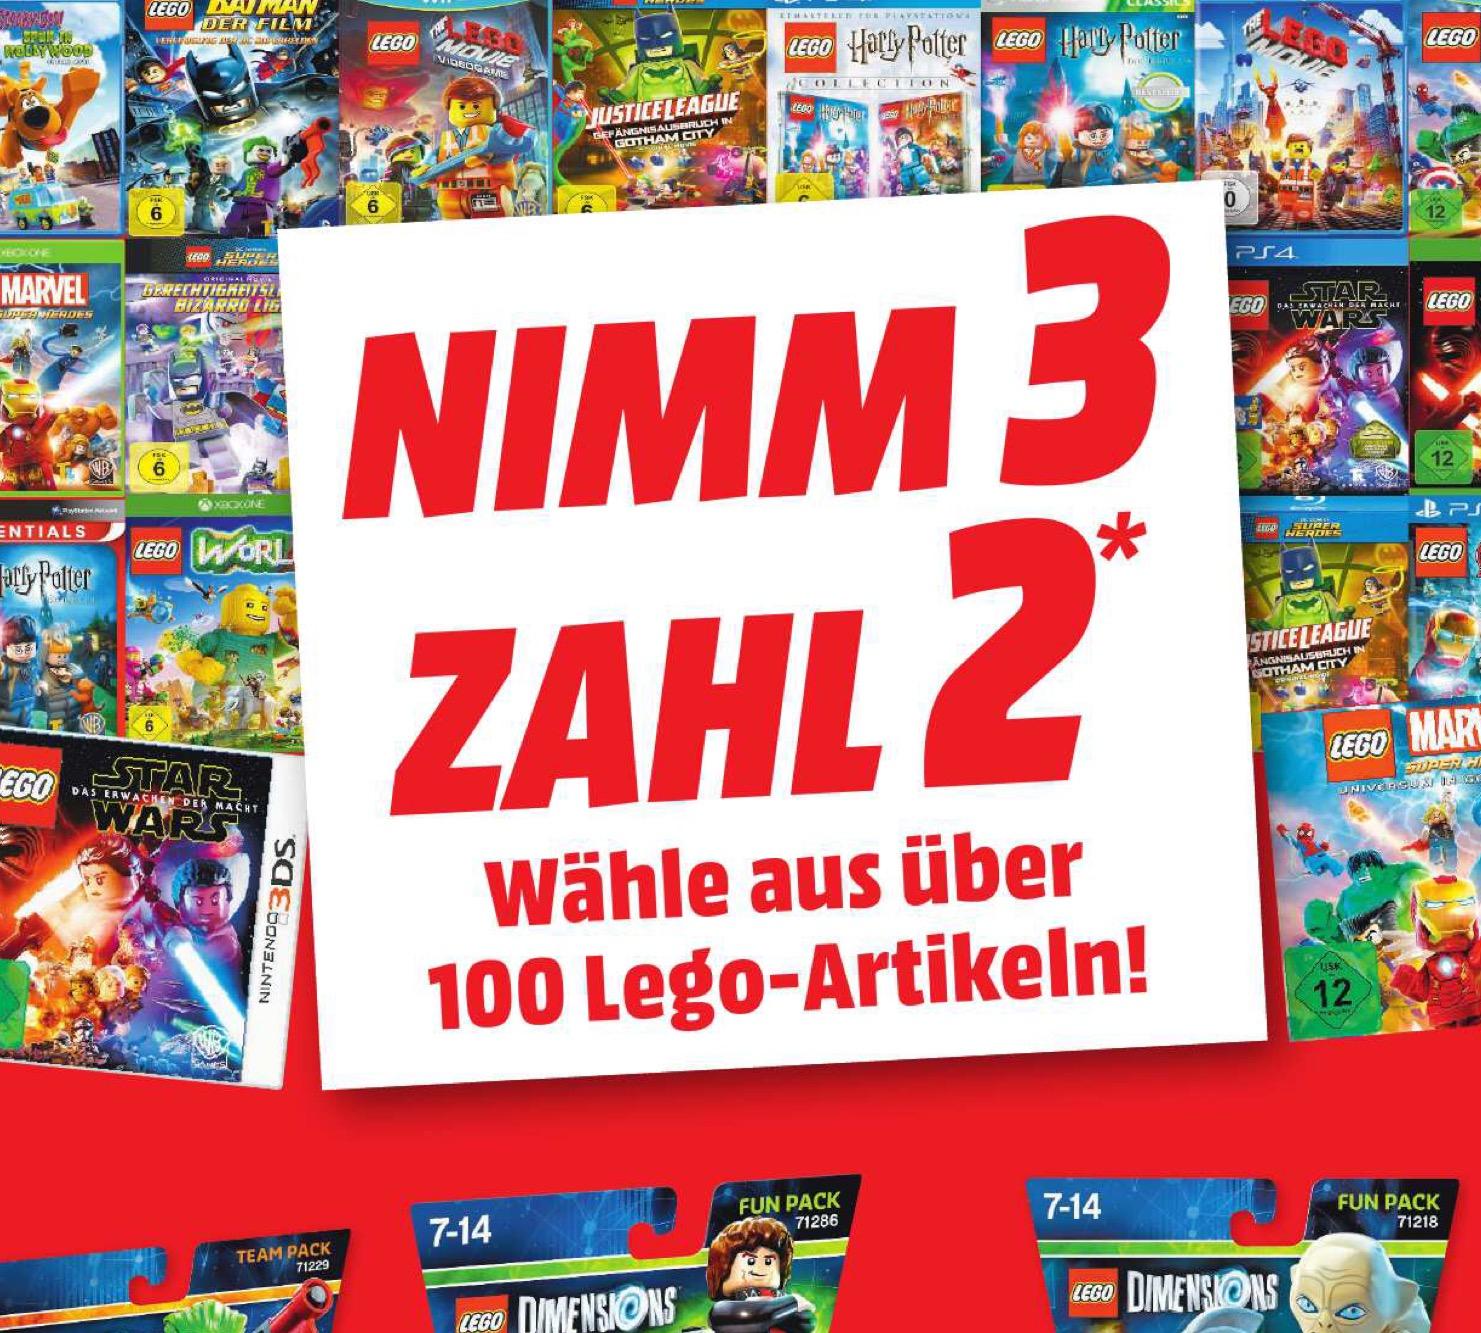 [Media Markt] lokal - Lego Filme, Spiele und Lego Dimensions 3:2 Aktion